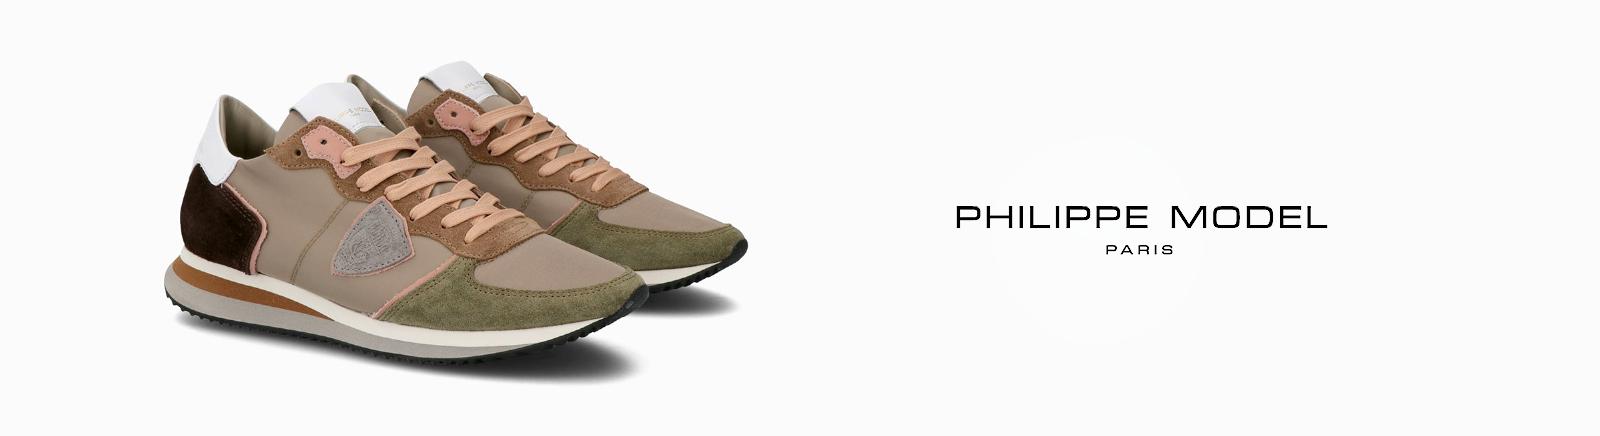 PHILIPPE MODEL Schuhe jetzt online kaufen im GISY Shop